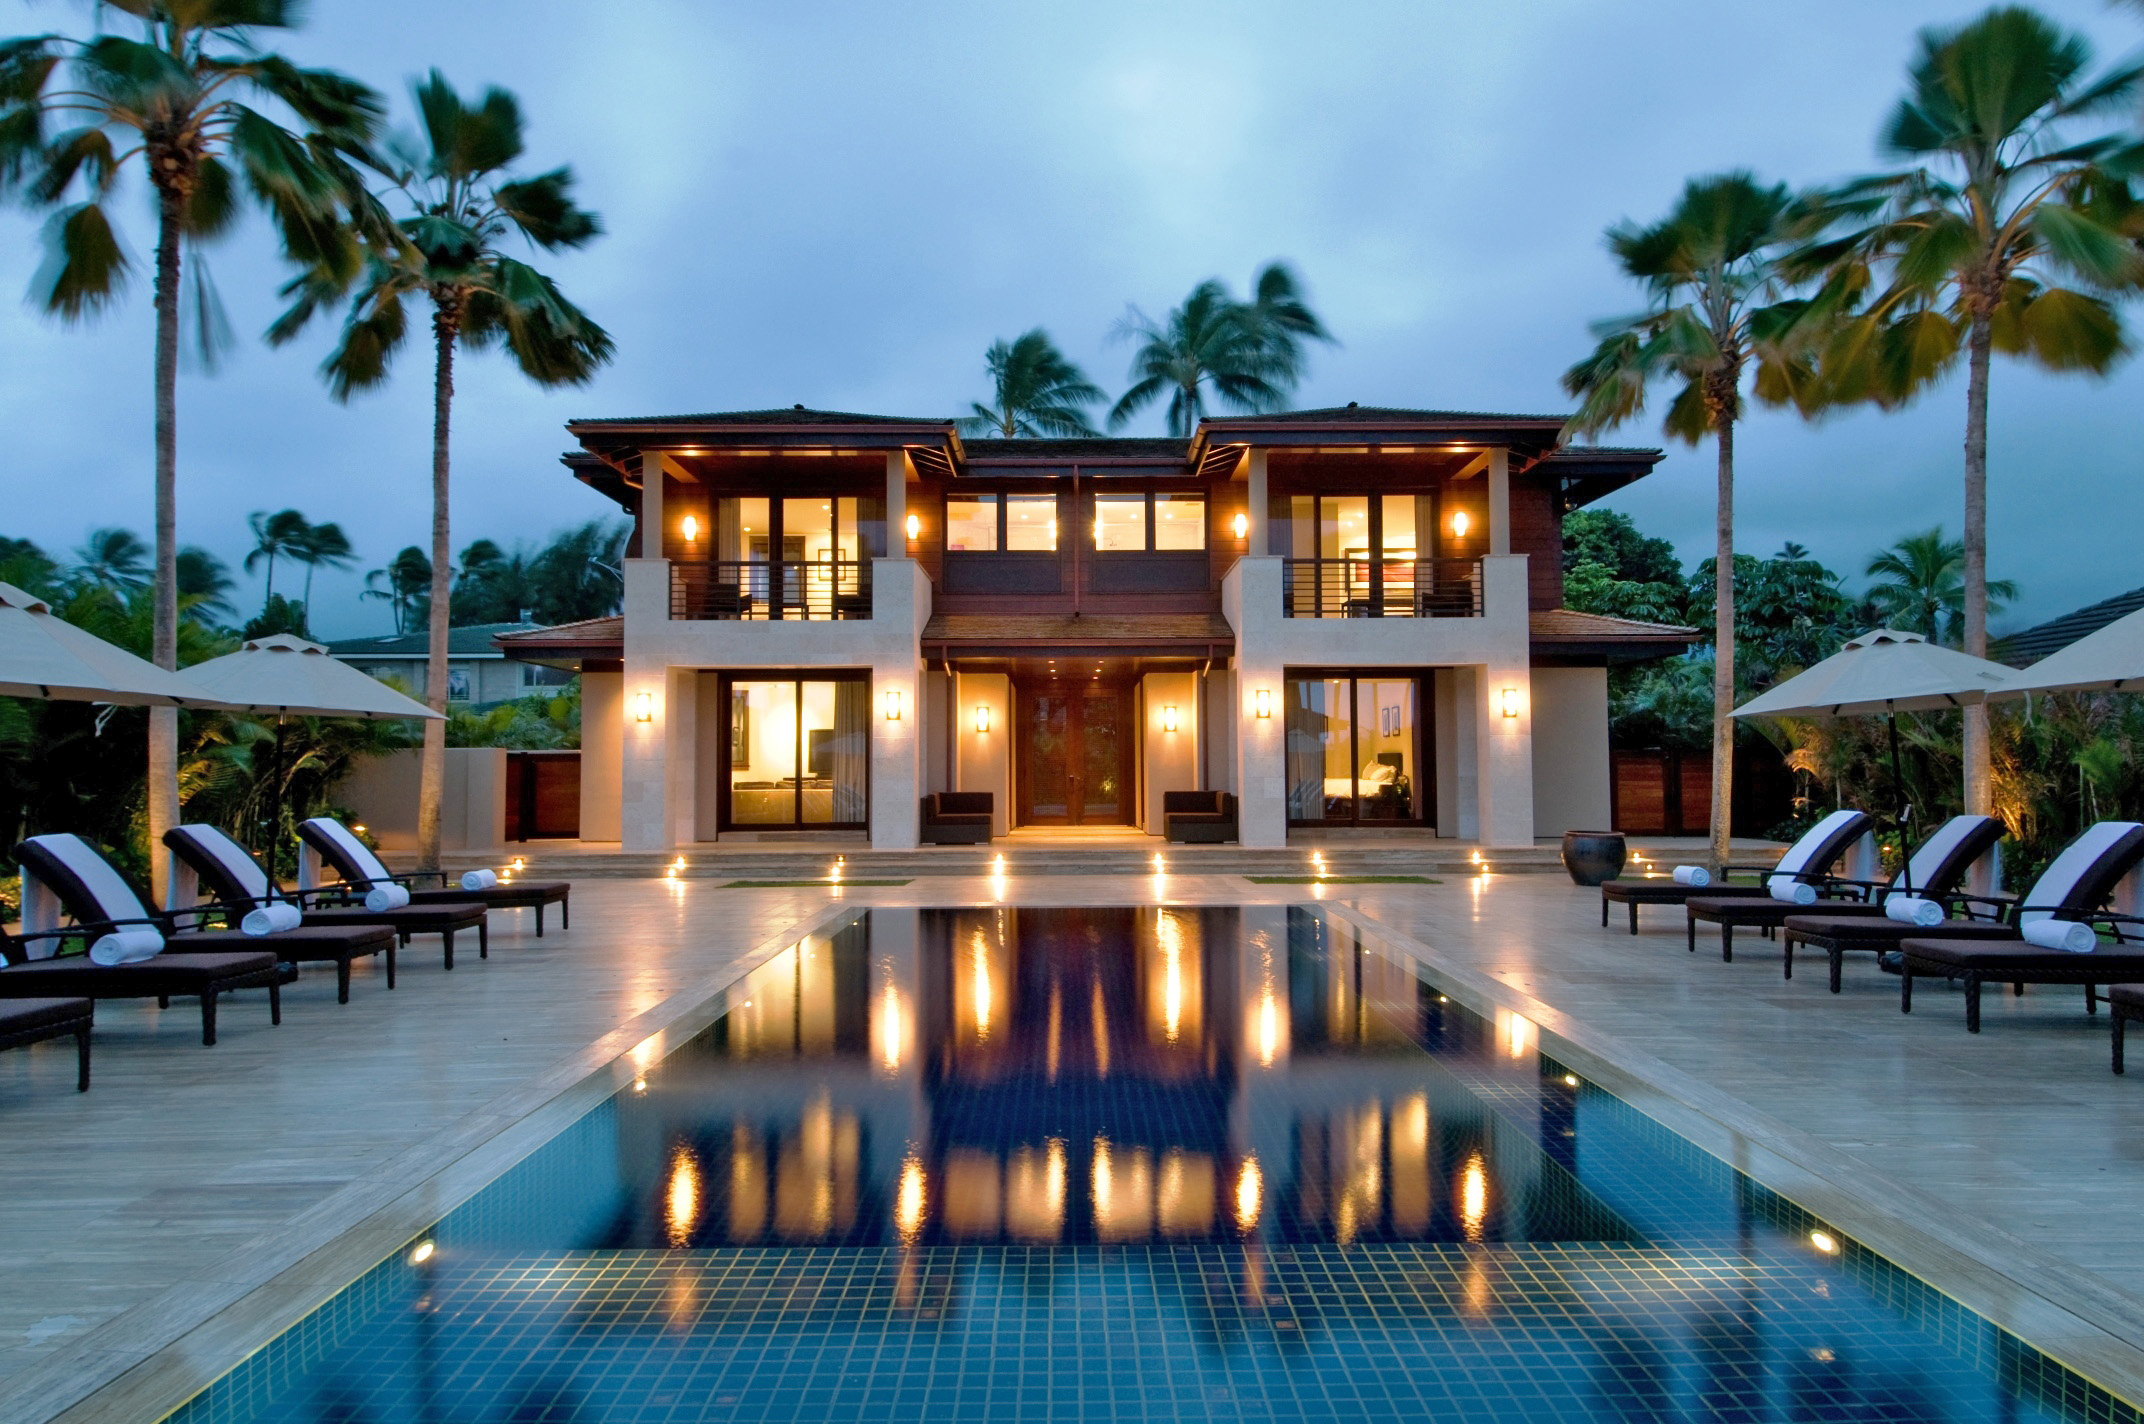 Kailua Luxury Beachfront Vacation Home At Night